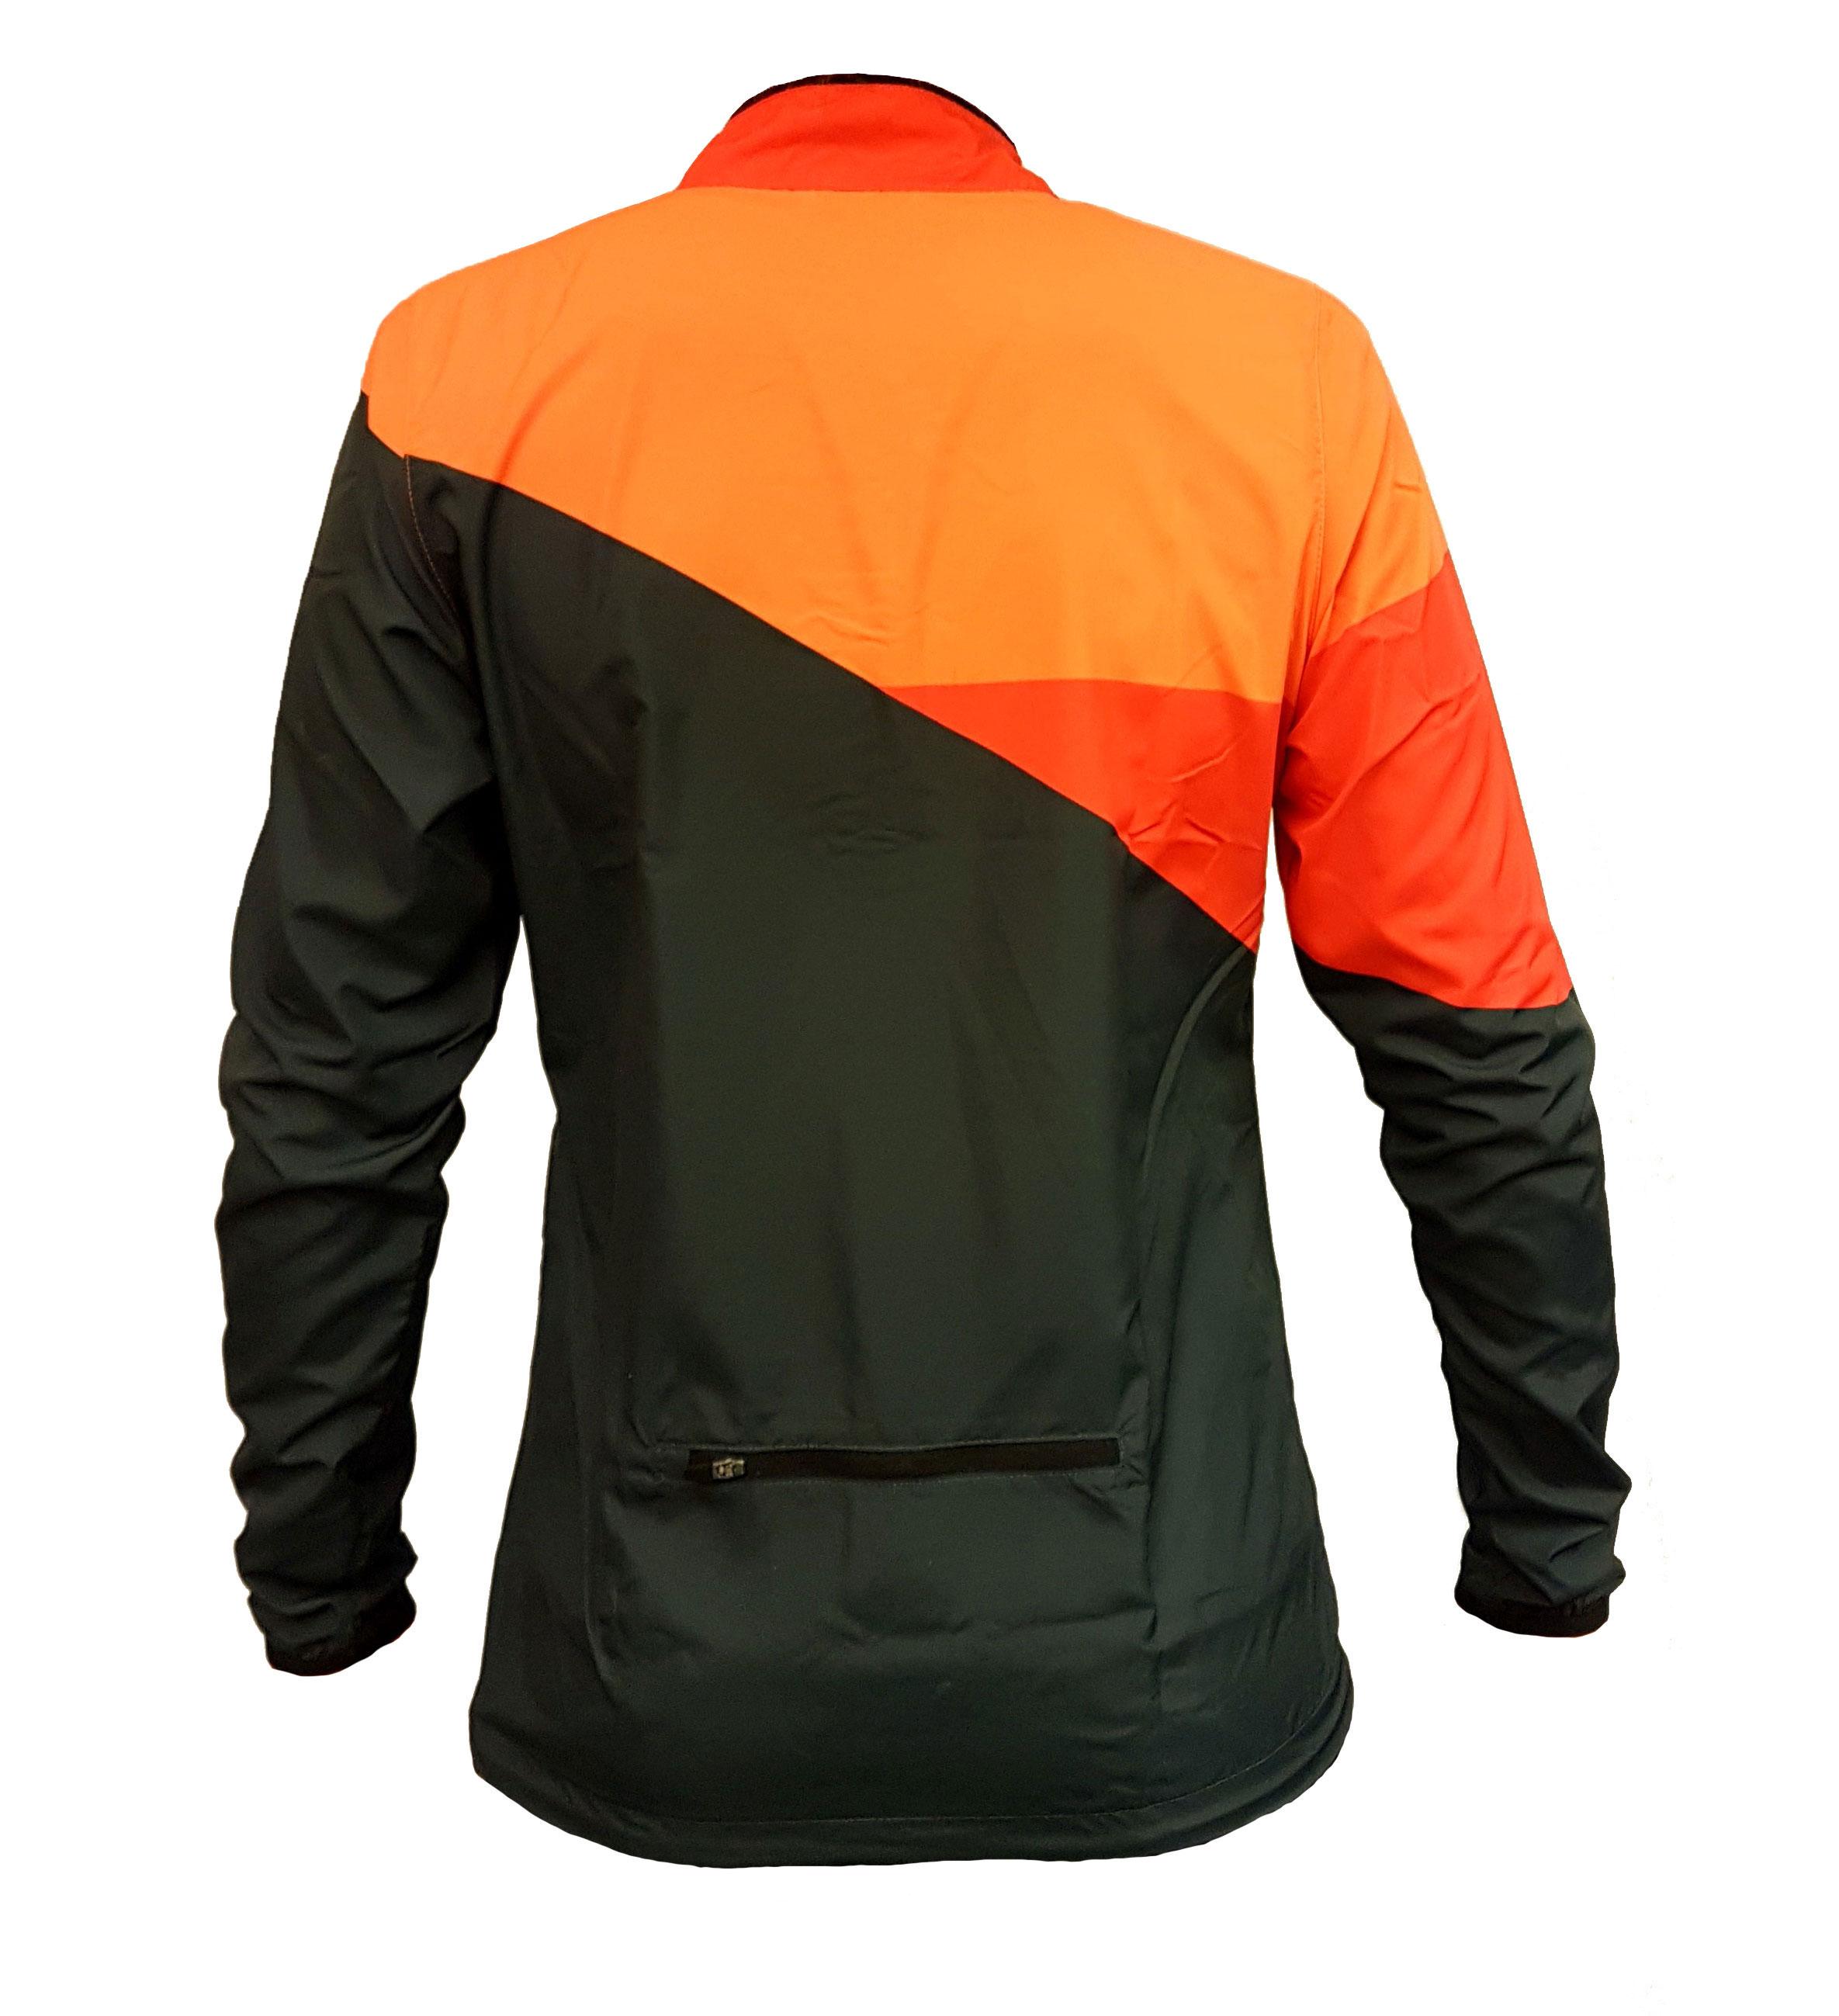 BCM jakke Dame Dame BCM jakke jakke BCM Dame Løpe Løpe Løpe ZHIn1P1q